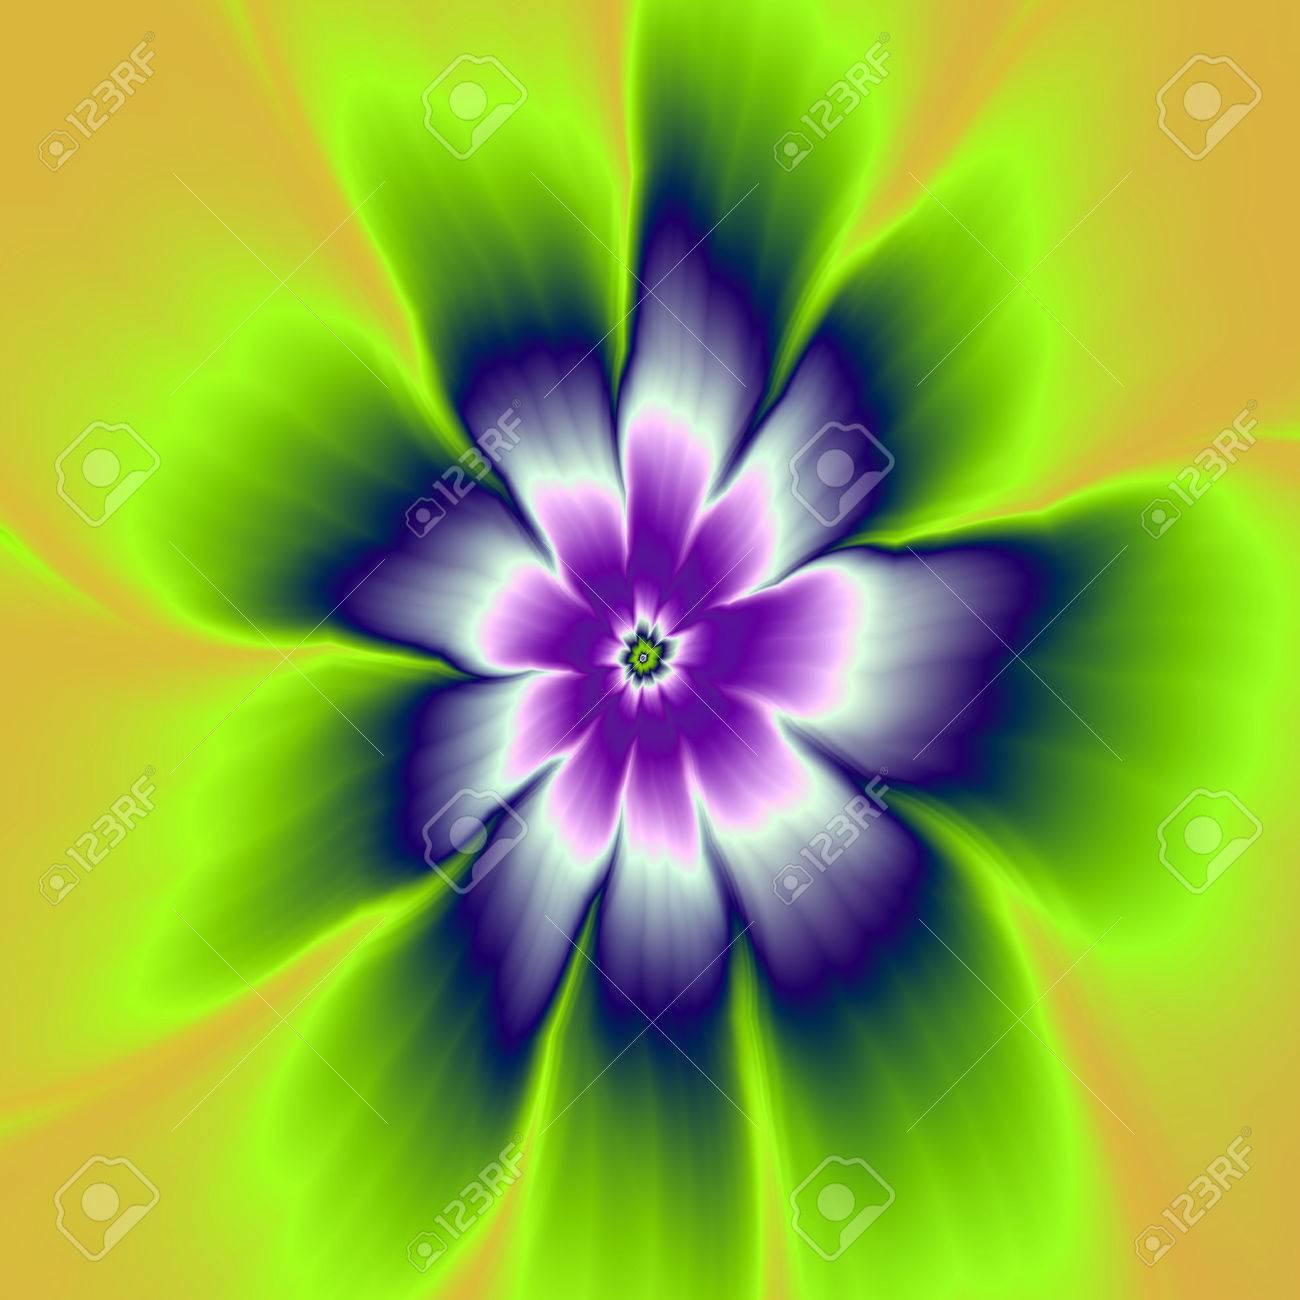 banque dimages bleu et violet fleur de marguerite une image abstraite de fractale numrique avec un design de fleur de marguerite en bleu violet vert - Vert Et Violet